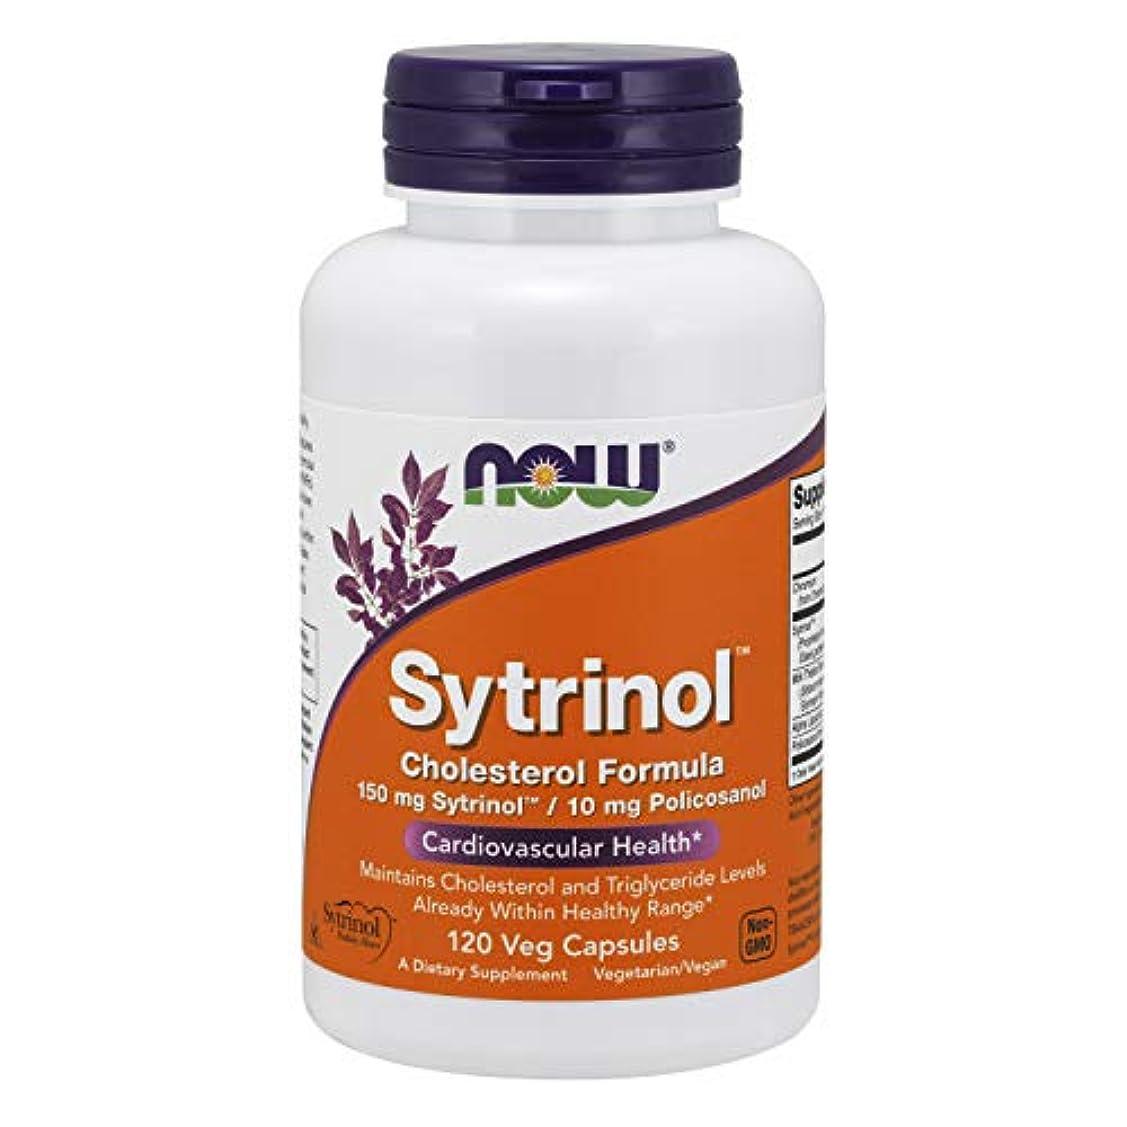 ハチかび臭い巻き戻す海外直送品 Now Foods Sytrinol, 120 Vcaps 150 mg